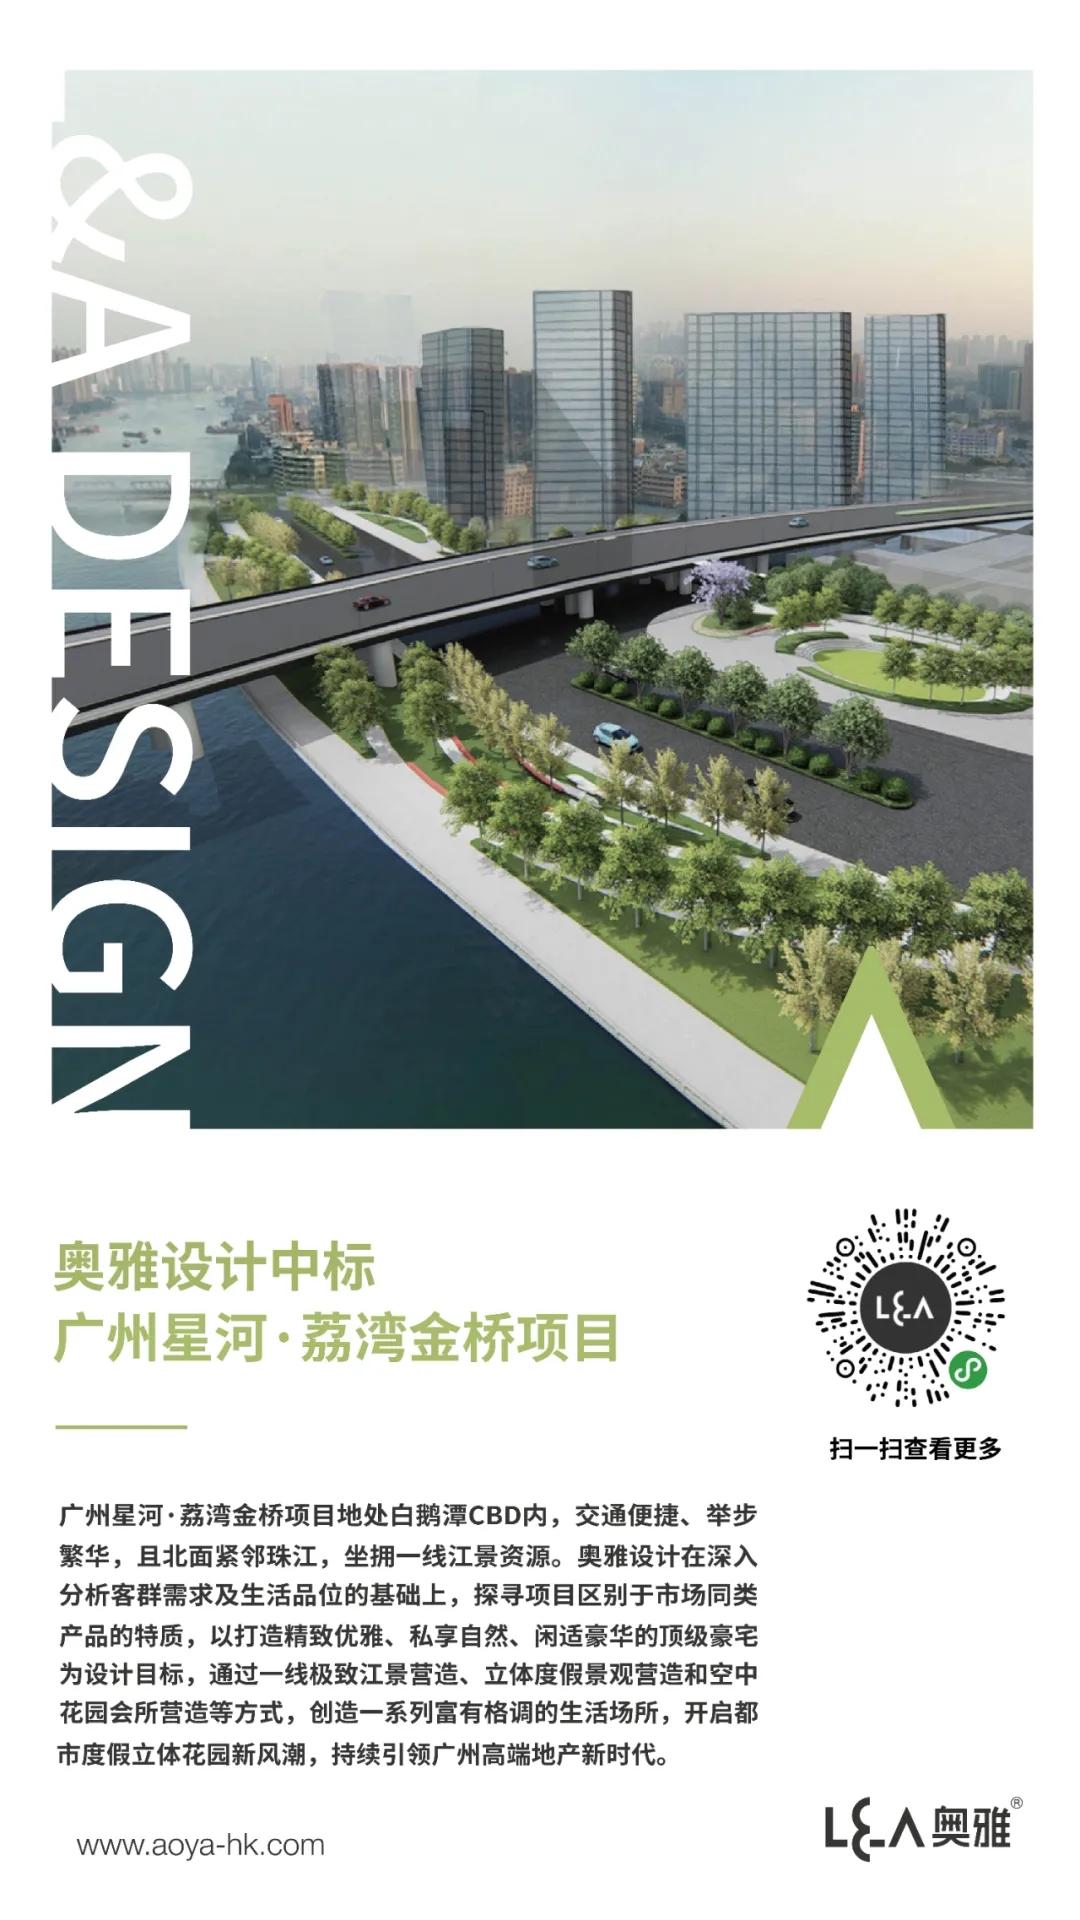 奥雅设计中标广州星河 · 荔湾金桥项目方案设计丨喜讯